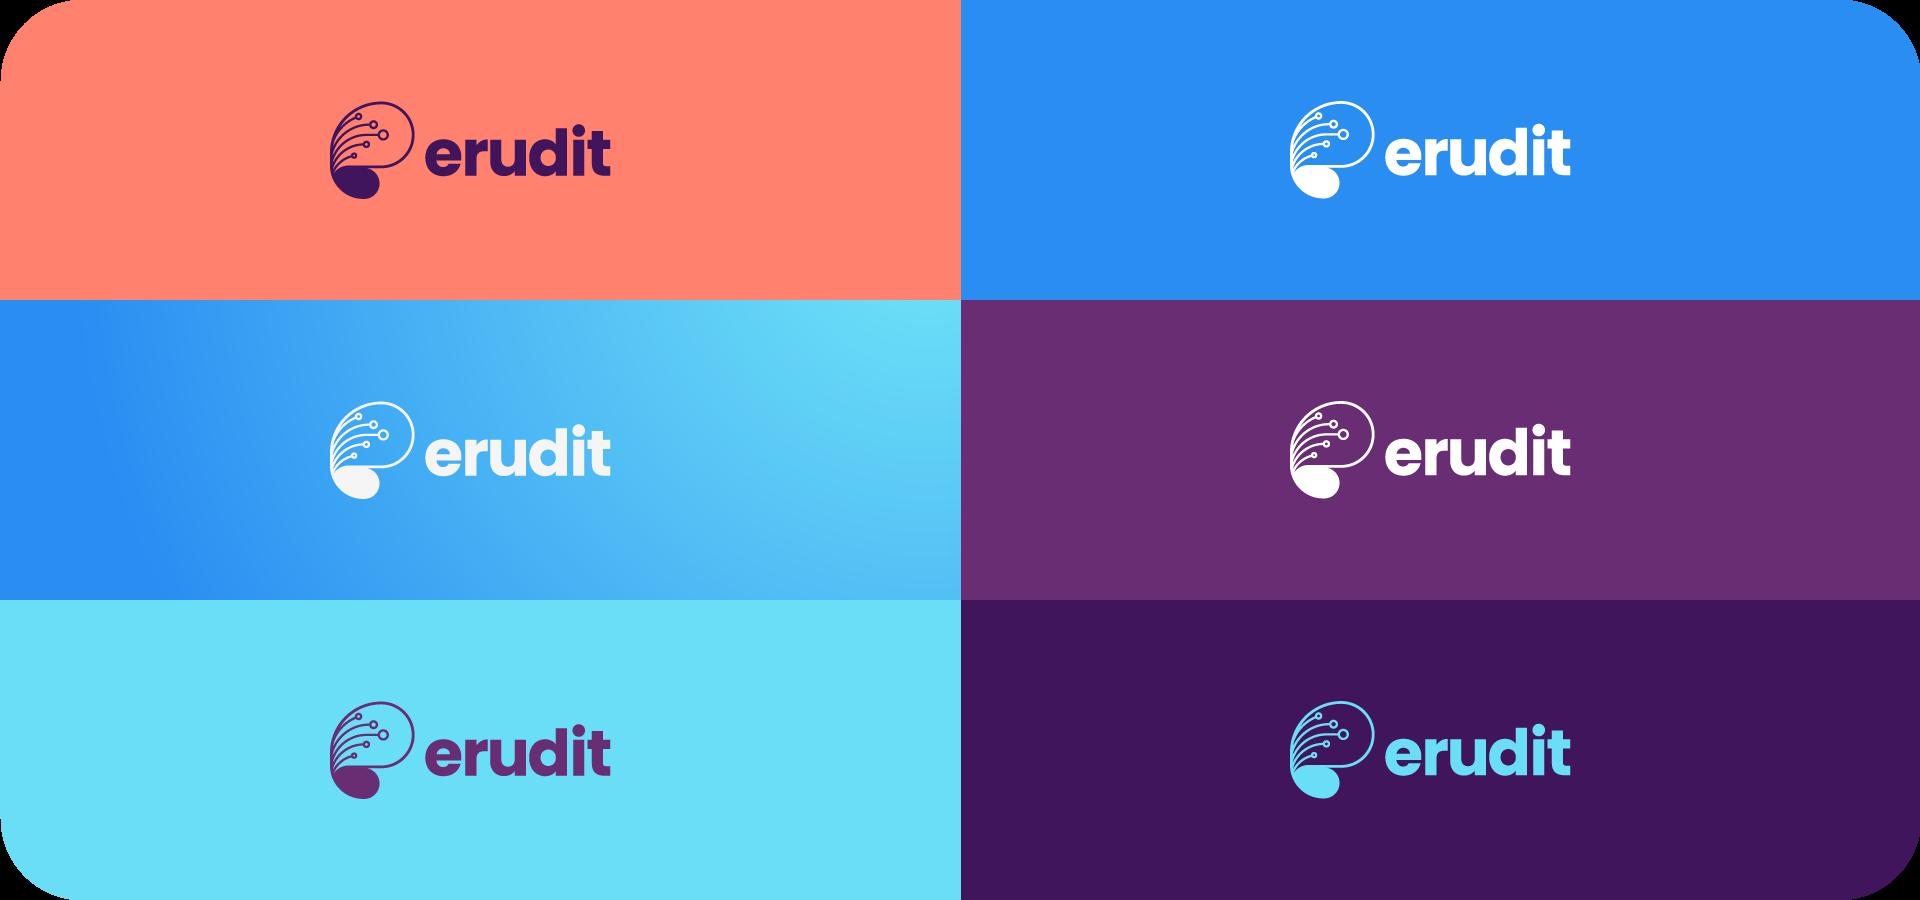 erudit logo color variations